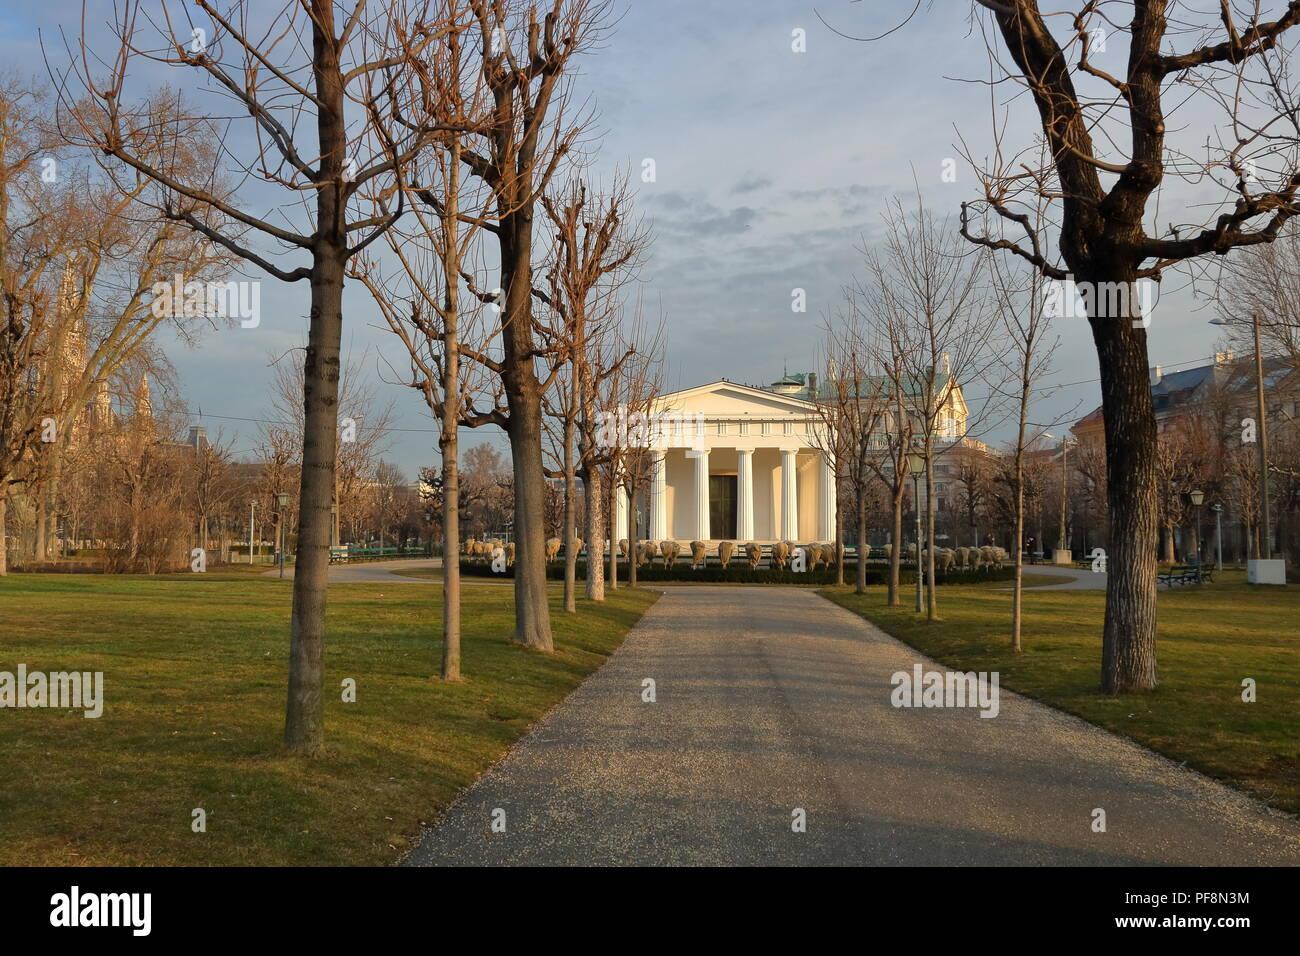 Das Stadtbild von Wien, Österreich, öffentlicher Park, historische Gebäude, Herbst, Gasse, ohne Menschen. Stockbild